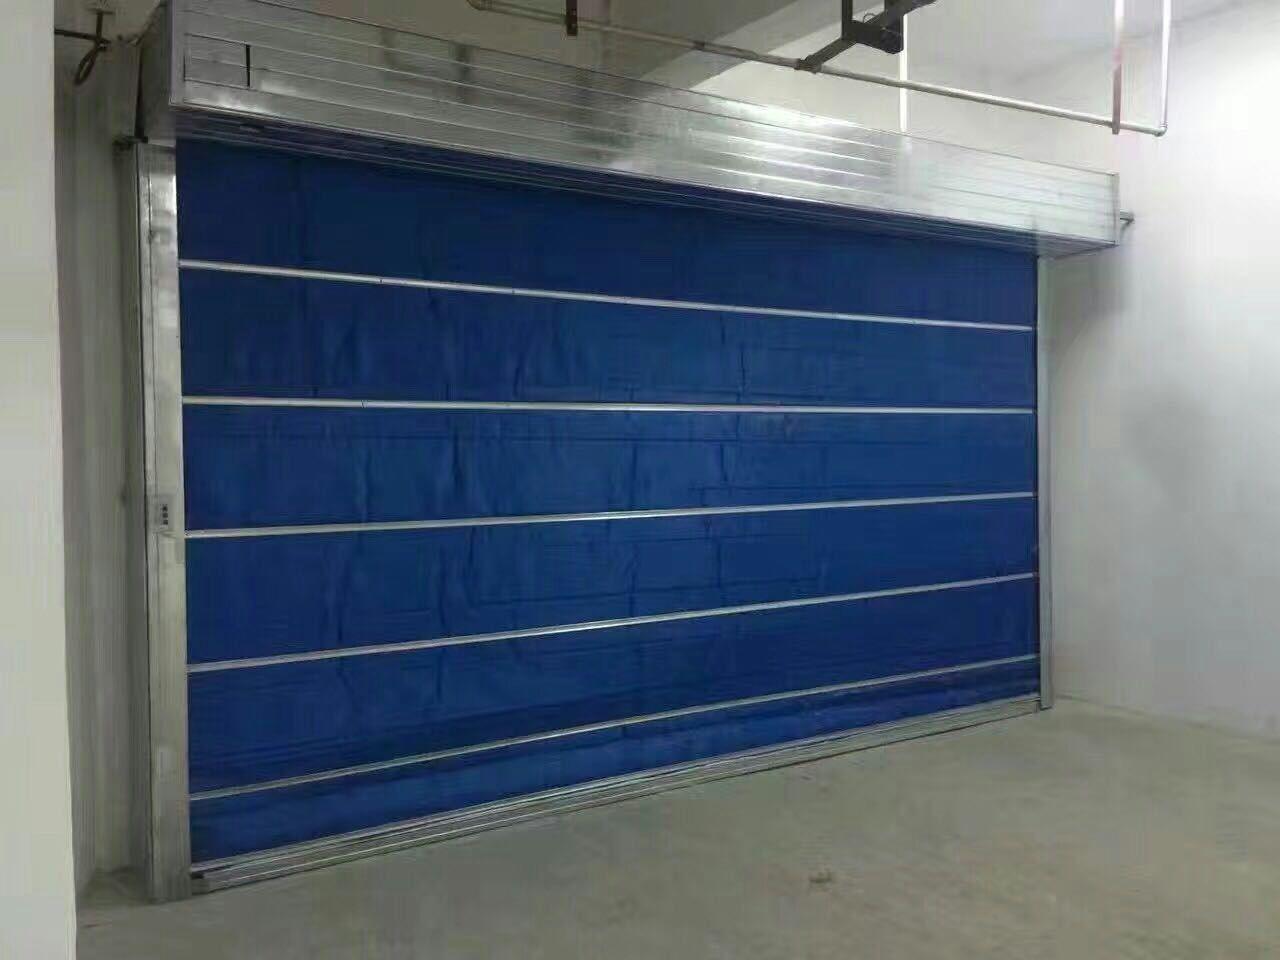 一维 防火卷帘门金材门窗专业安装,验收有保障的特级防火卷帘门